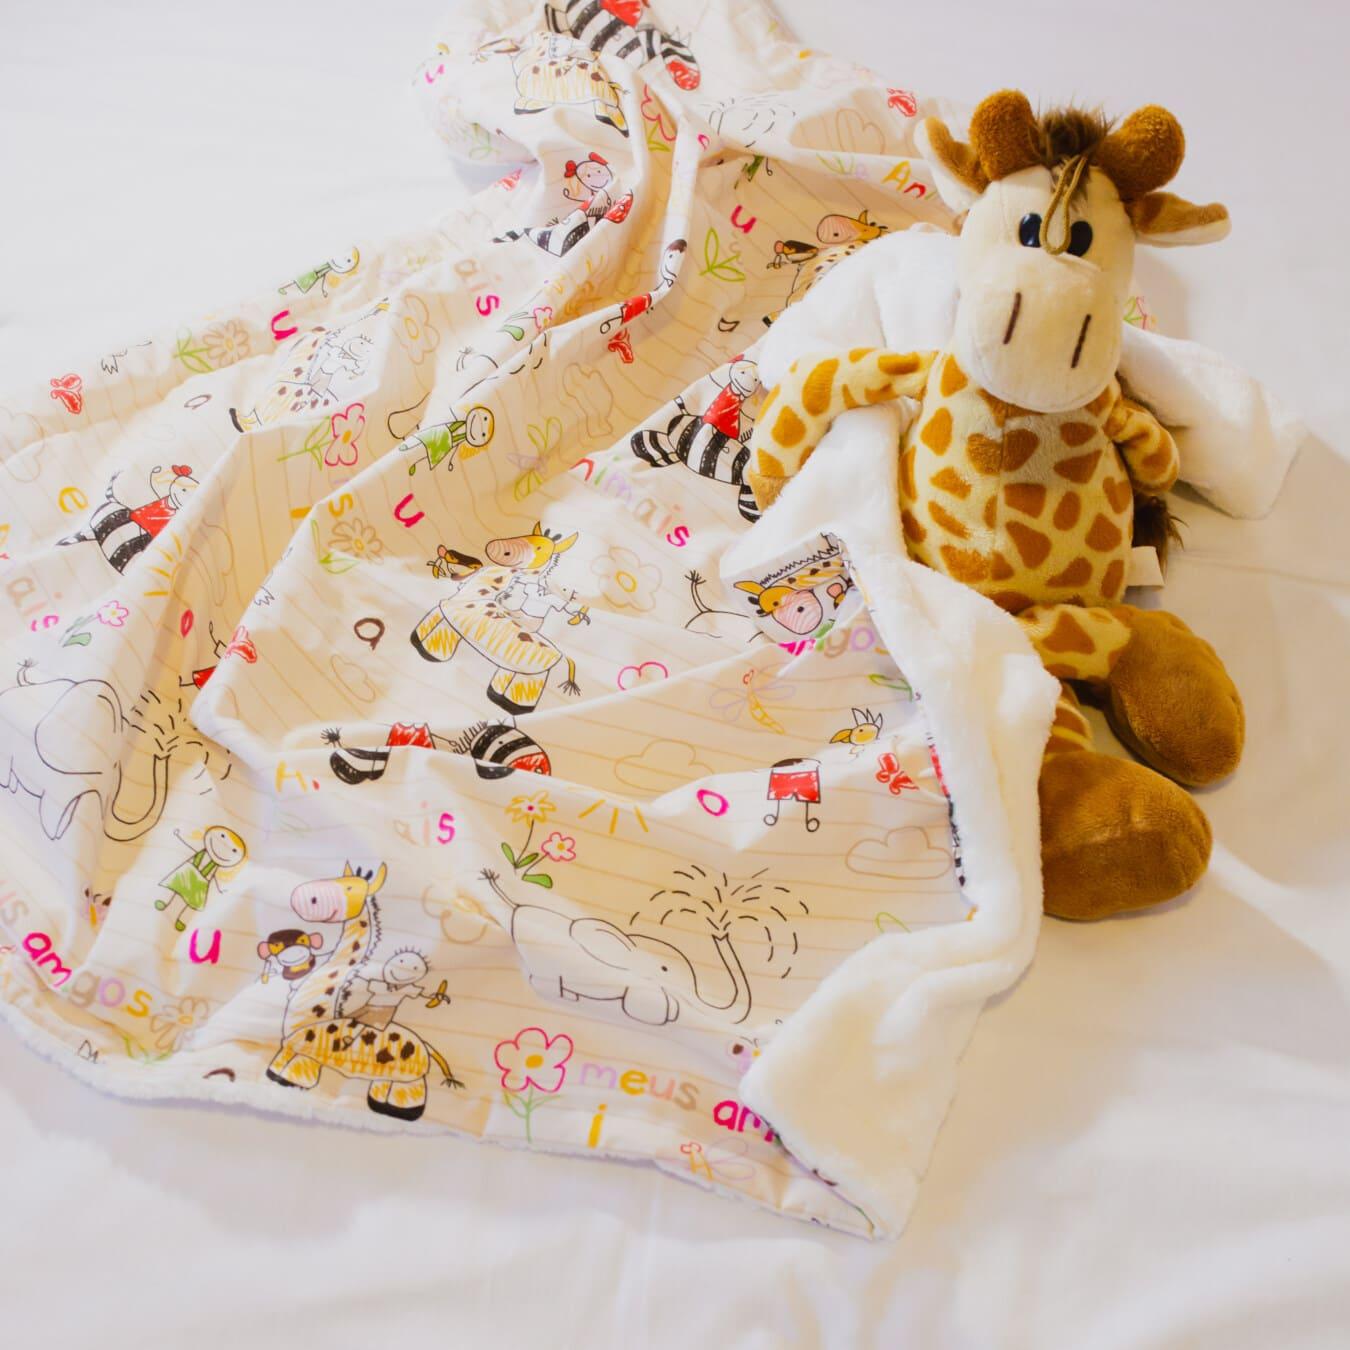 Plüsch, Giraffe, Spielzeug, Textil, Decke, Baumwolle, Windel, Bett, niedlich, Schlafzimmer